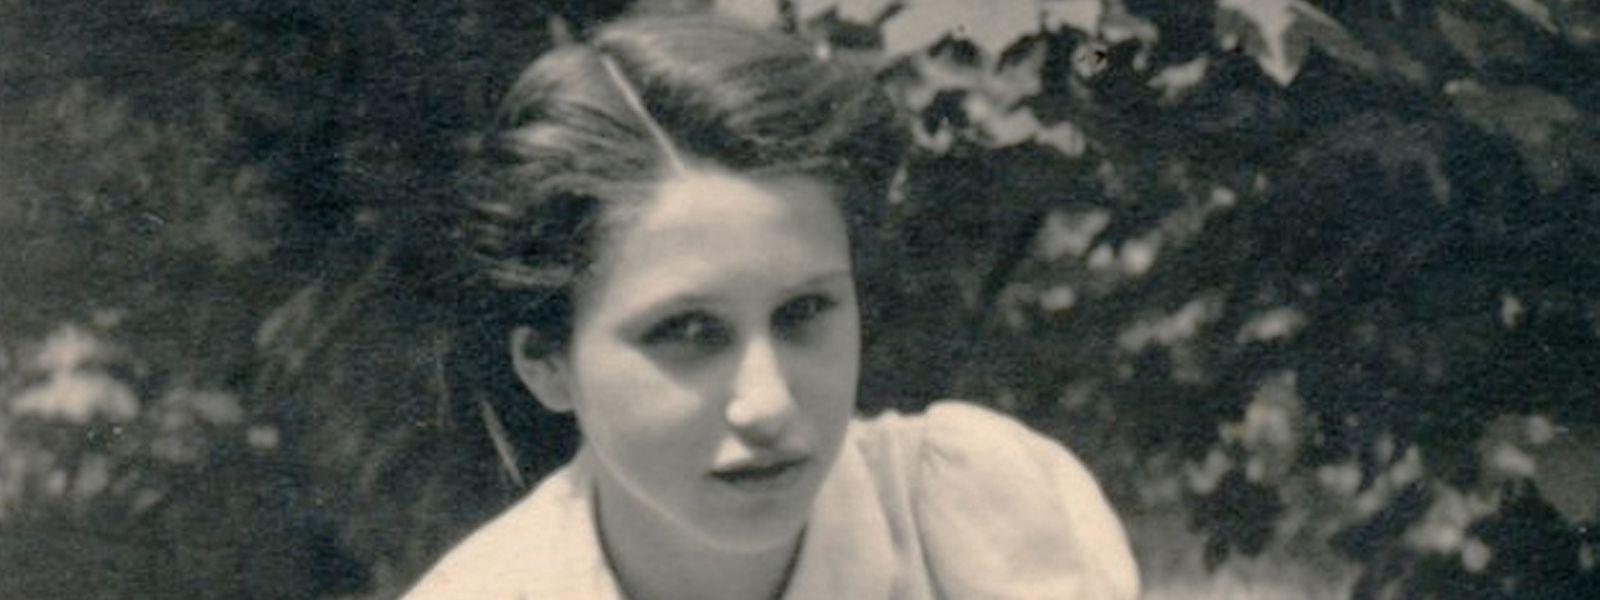 Inge Berger, geborene Katz, als Jugendliche im Jahr 1939 in Berlin.